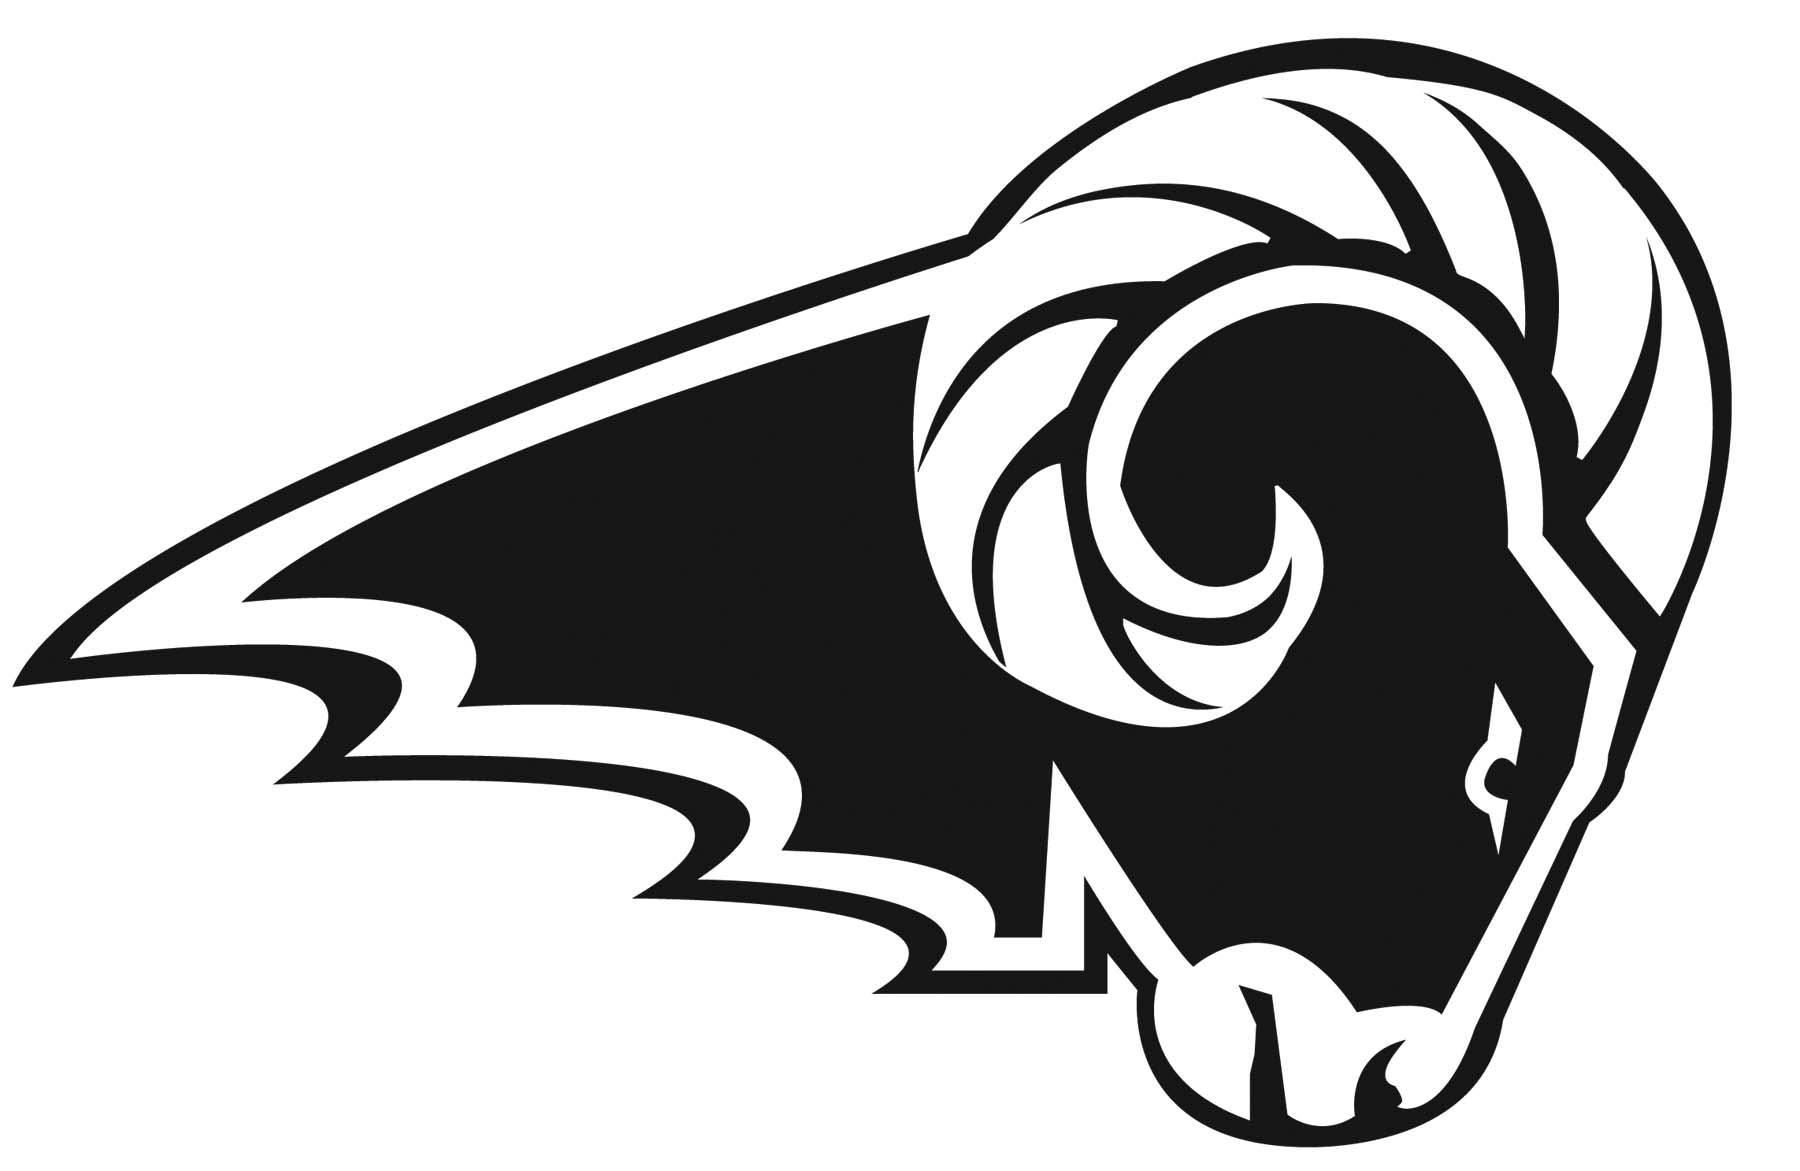 1800x1171 Bighorn Sheep Clipart Cute